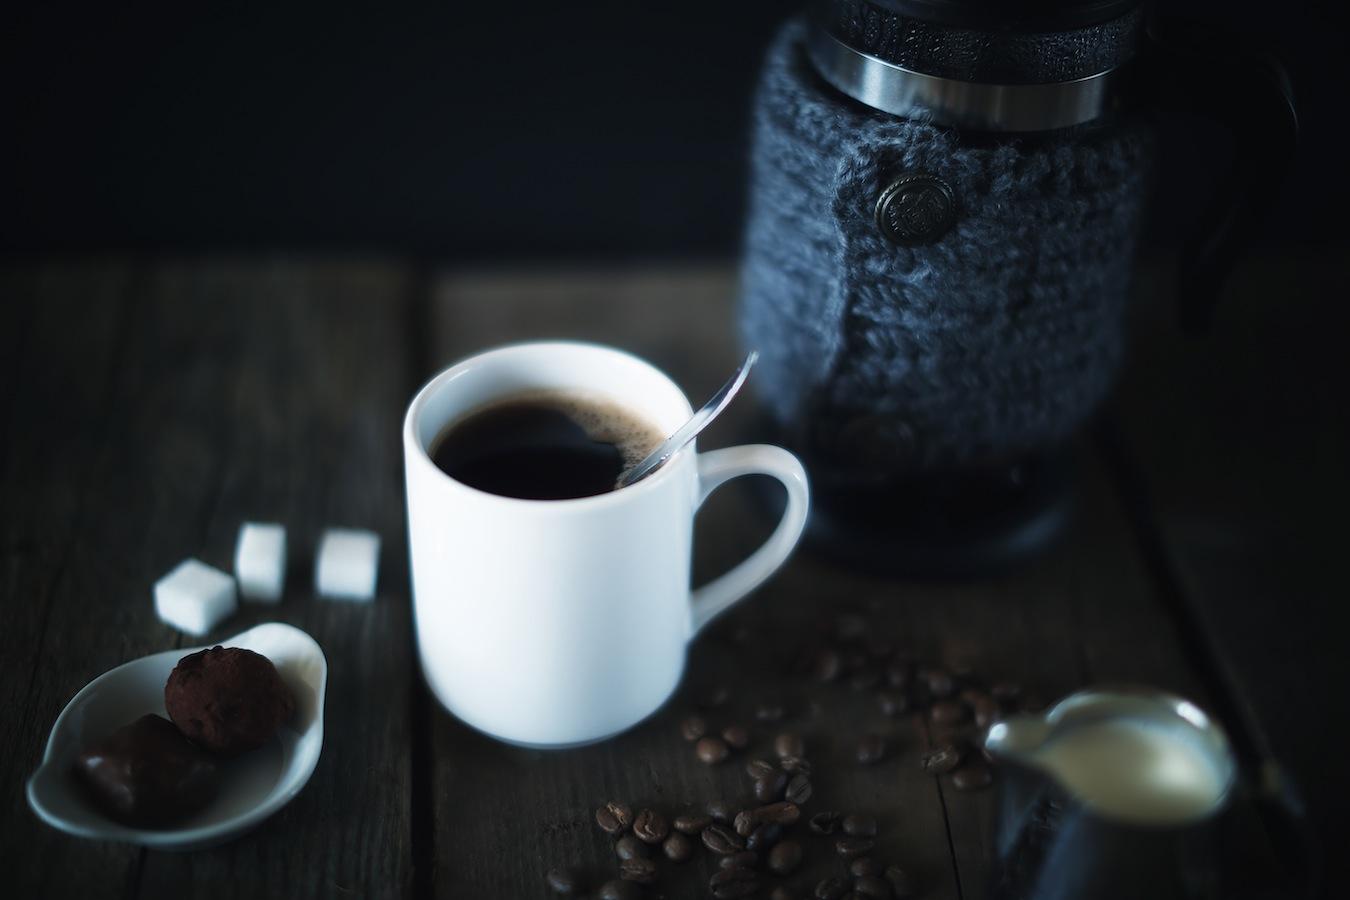 Kaffee und Nüsse